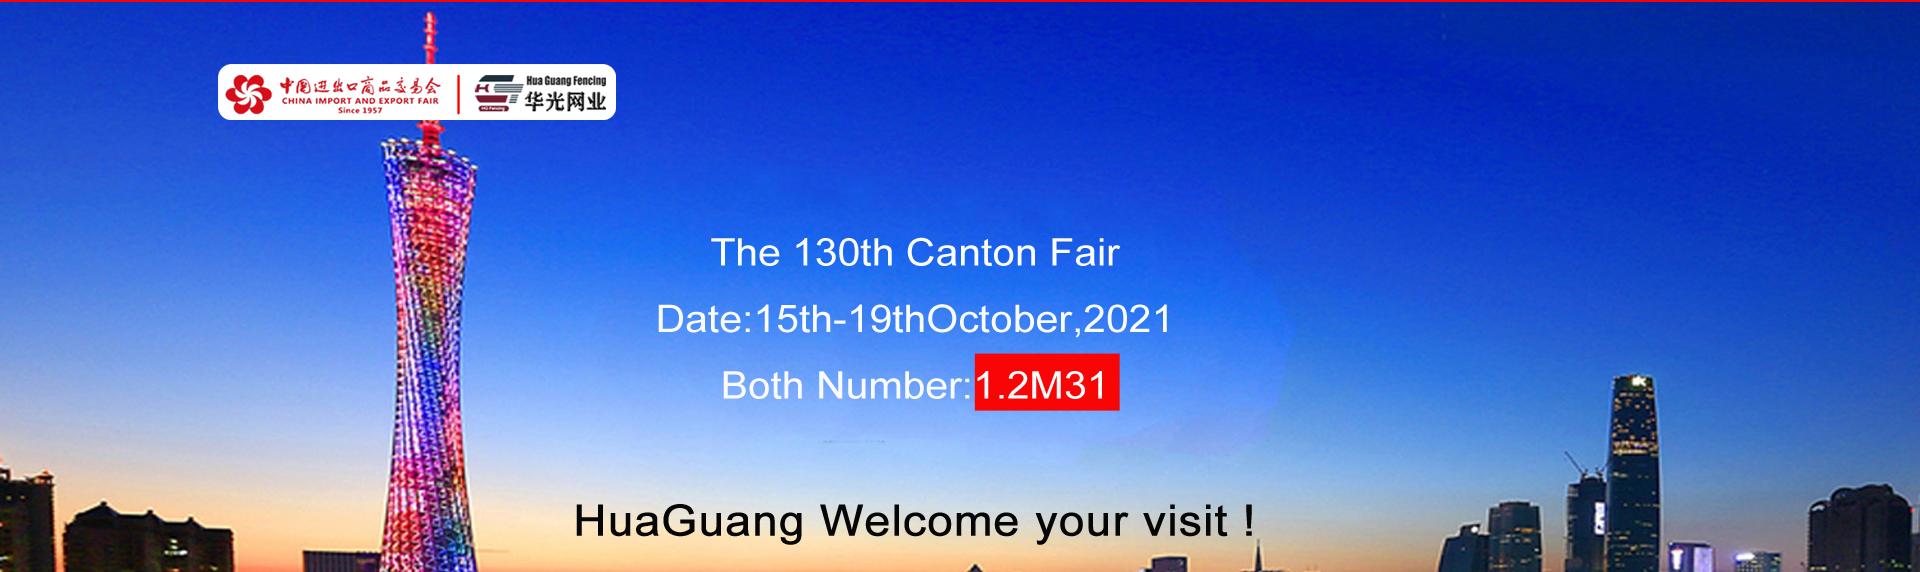 130th Canton Fair